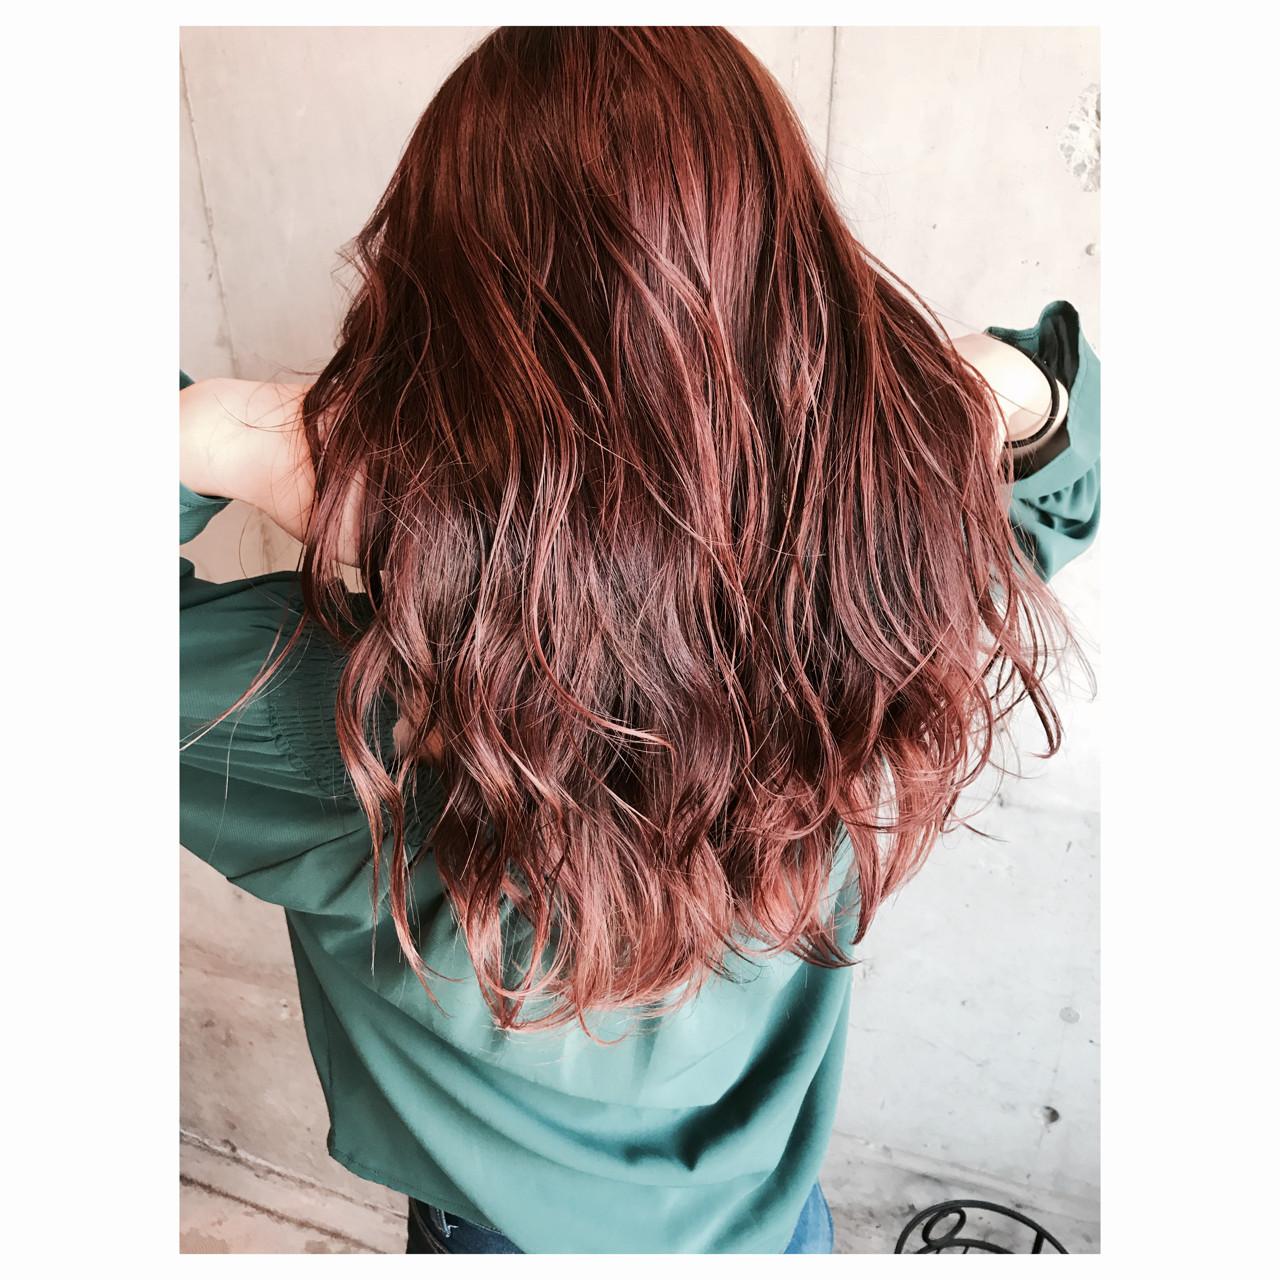 ピンク ウェットヘア 秋 カッパー ヘアスタイルや髪型の写真・画像